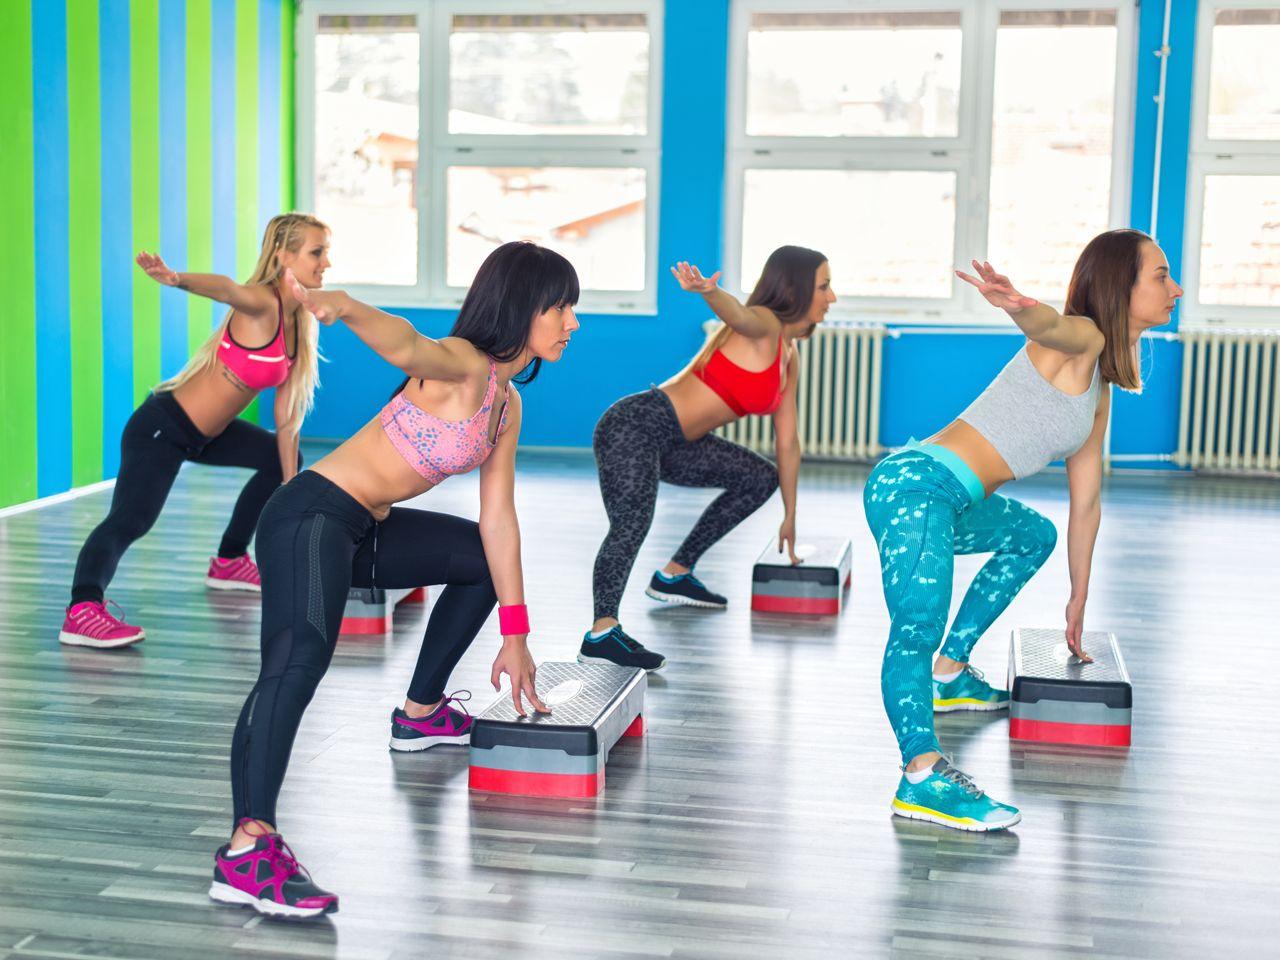 Аэробика для похудения - виды, противопоказание, упражнения